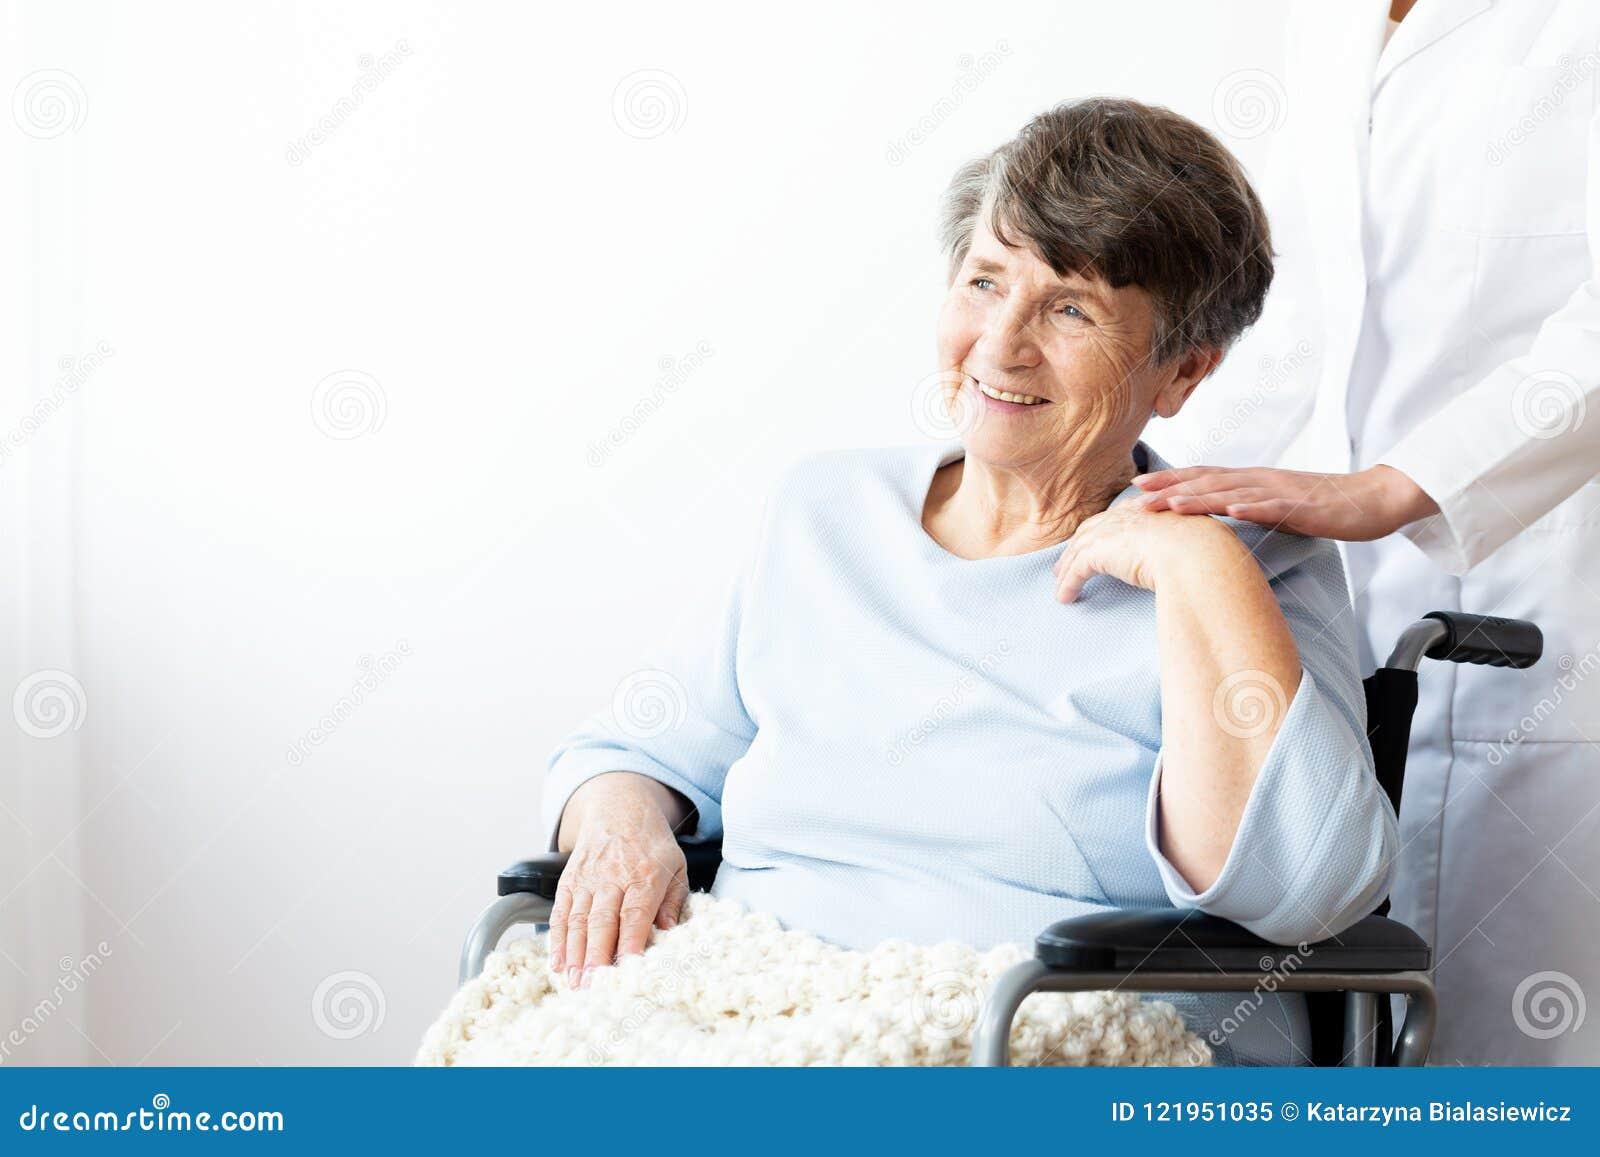 Gelukkige grootmoeder in een rolstoel en verzorger ondersteunend haar